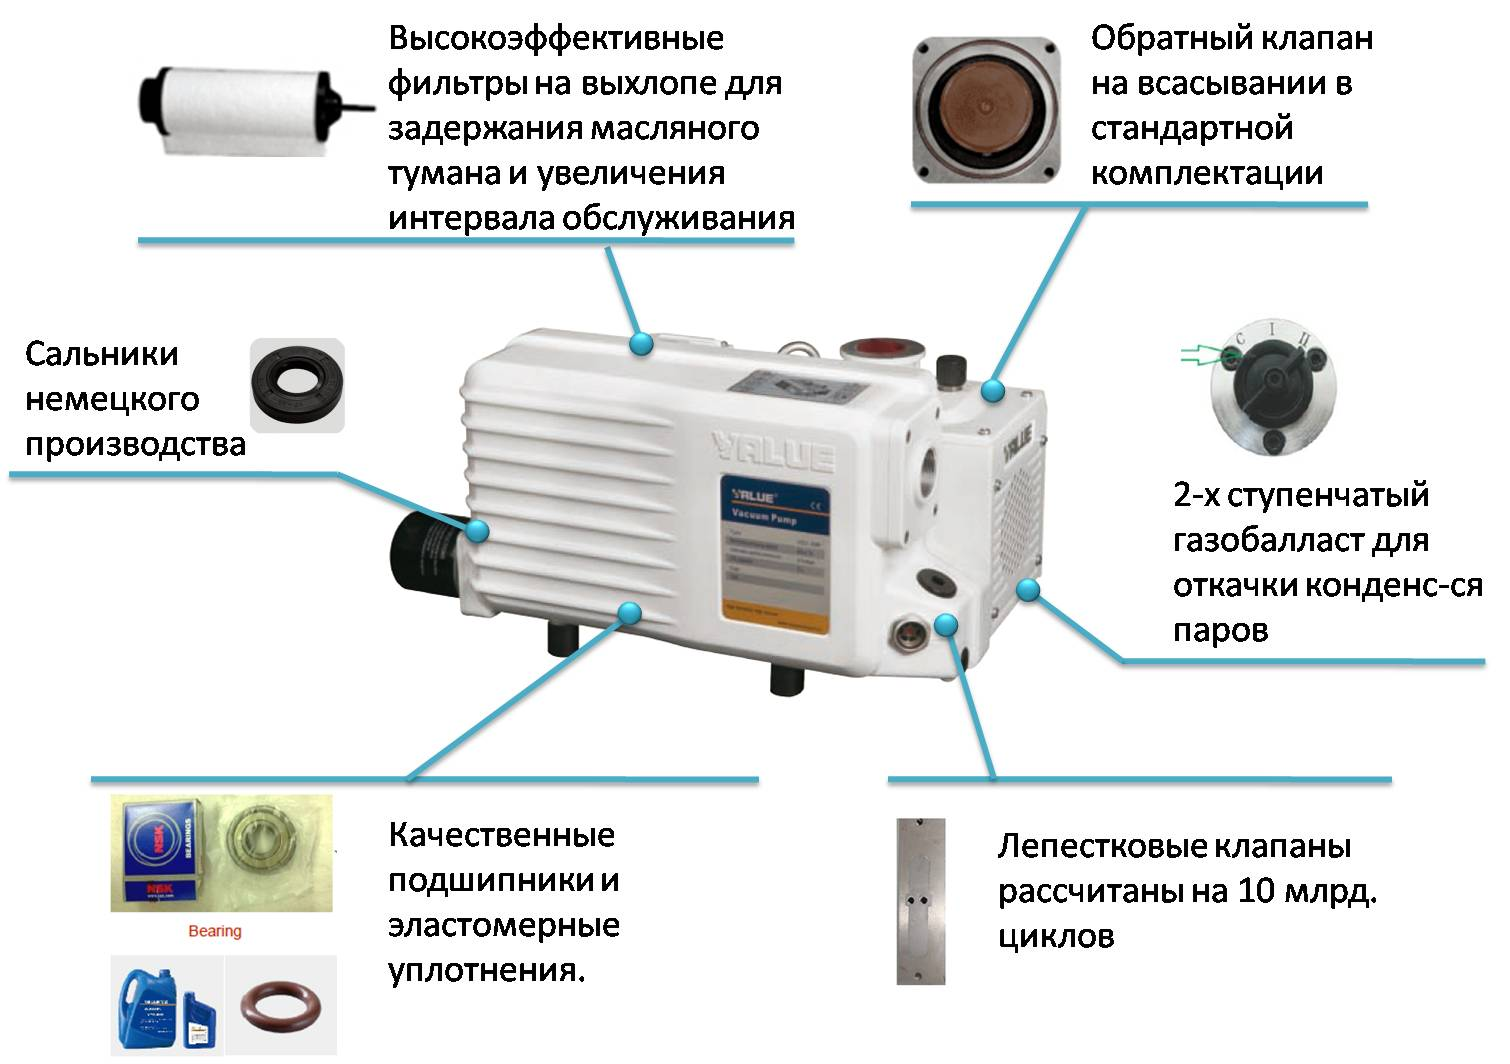 Конструктивные особенности вакуумных насосов VALUE